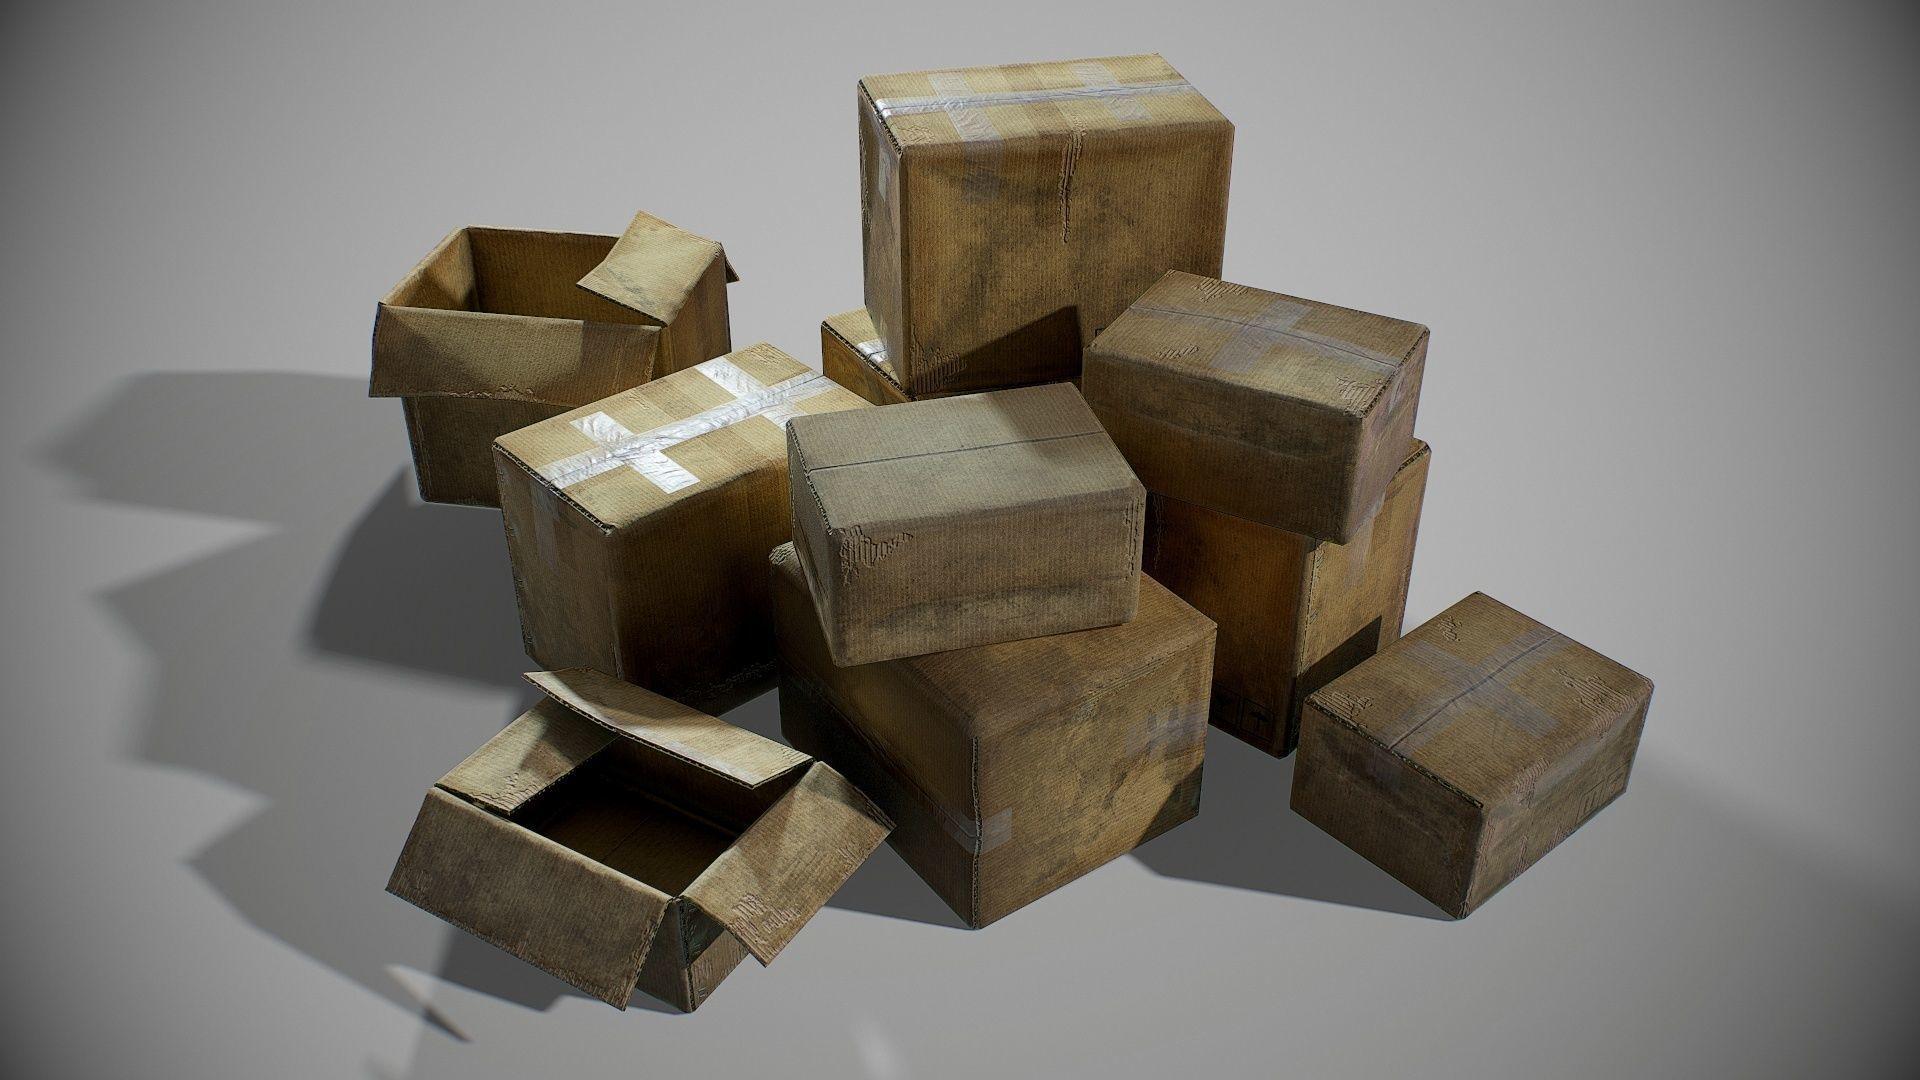 PBR Old Cardboard Boxes Set